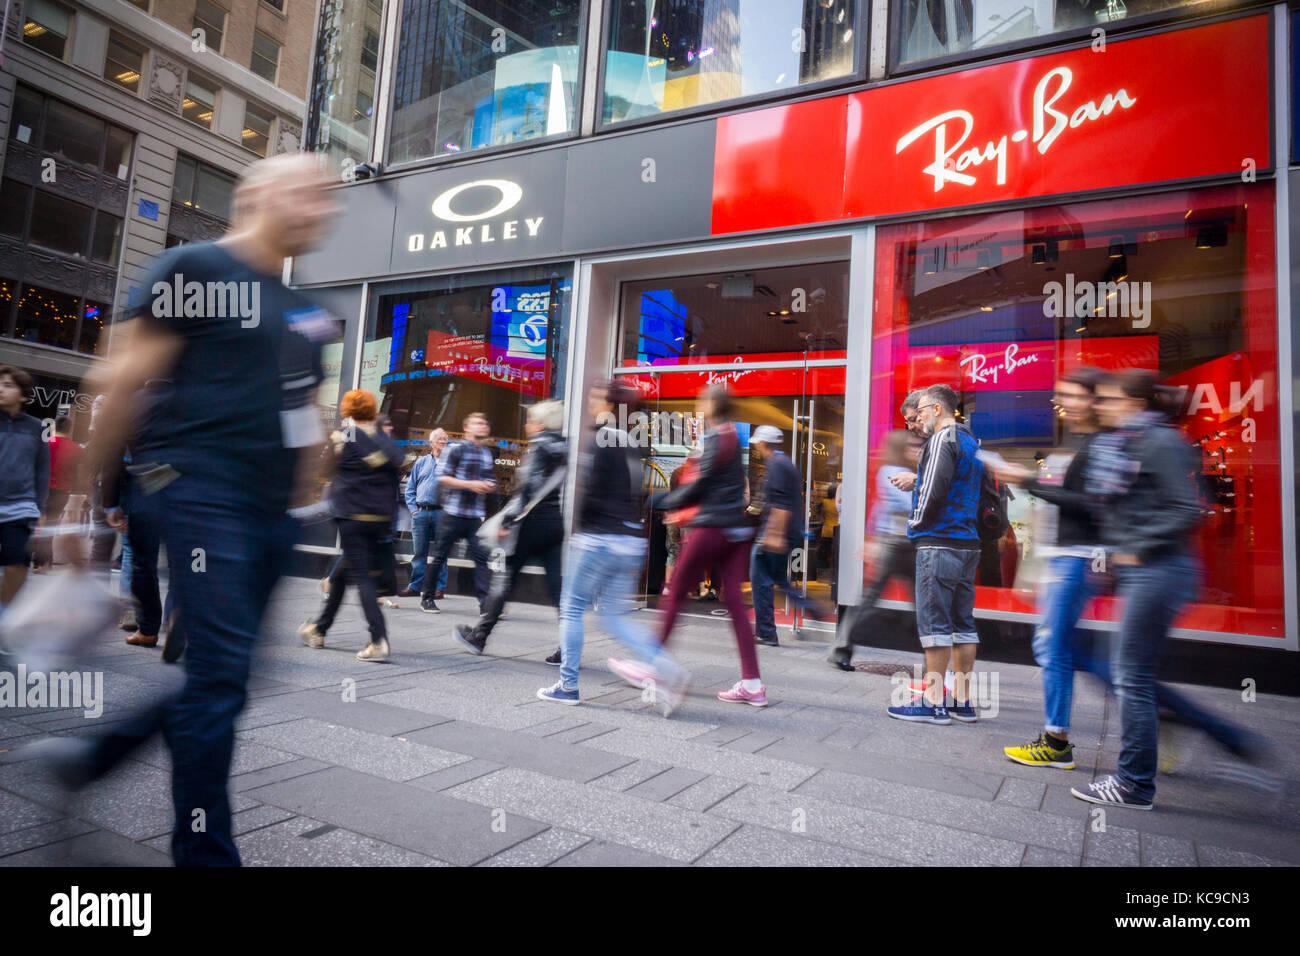 Luxottica marcas oakley y ray-ban comparten una tienda en Times Square en Nueva  York f8670e2747f20